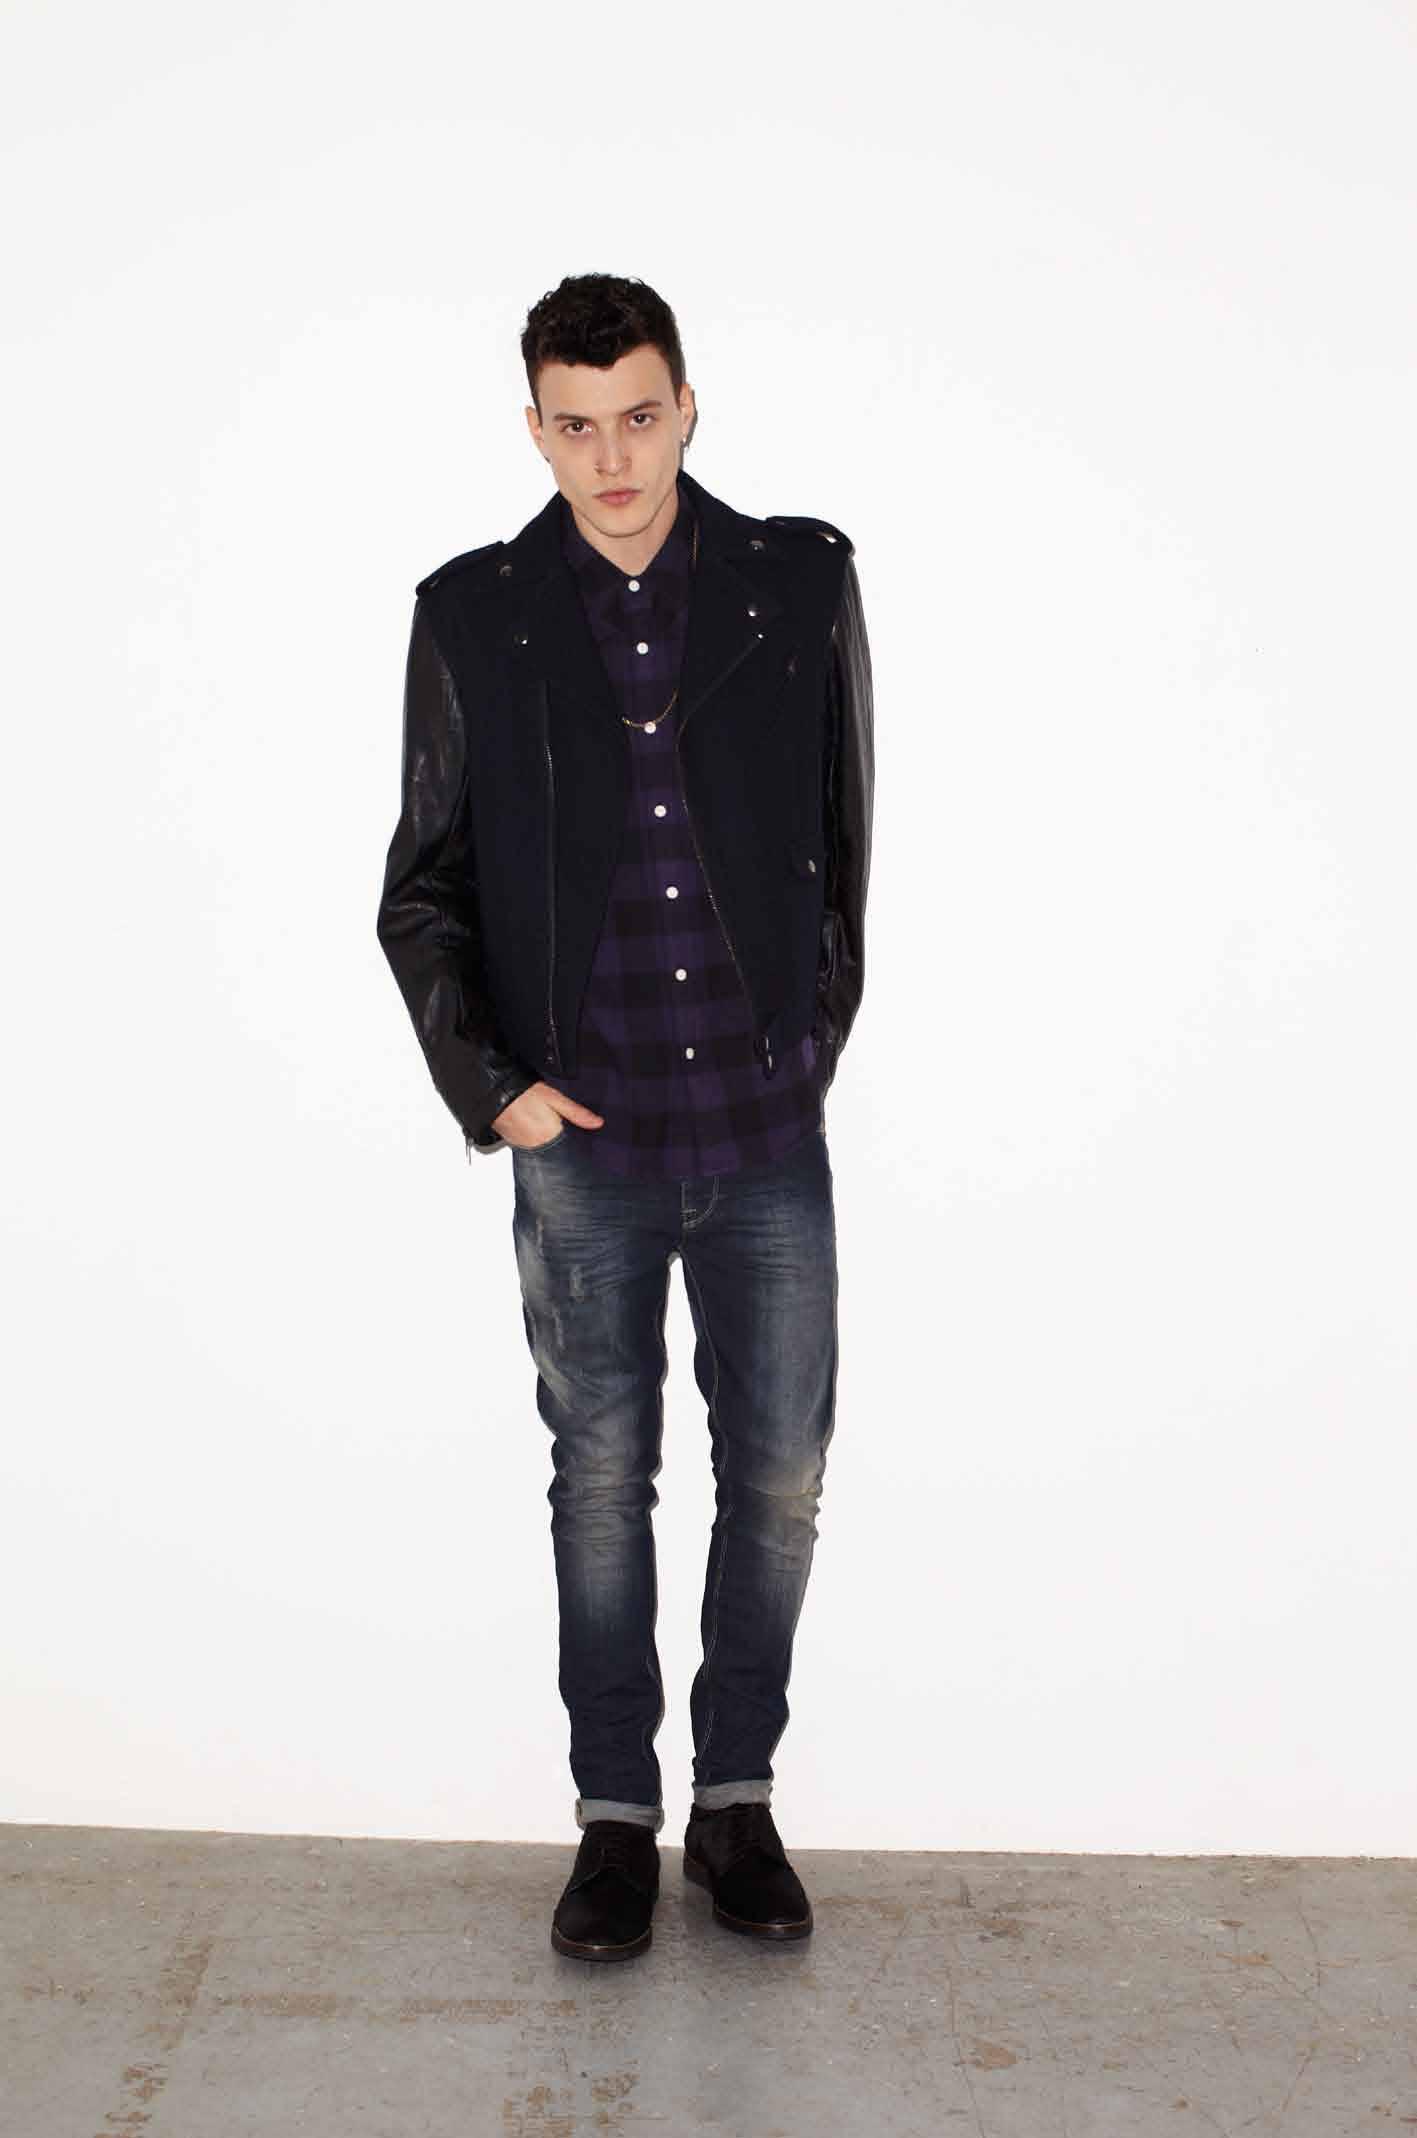 ASOS Menswear: AW13 Collection